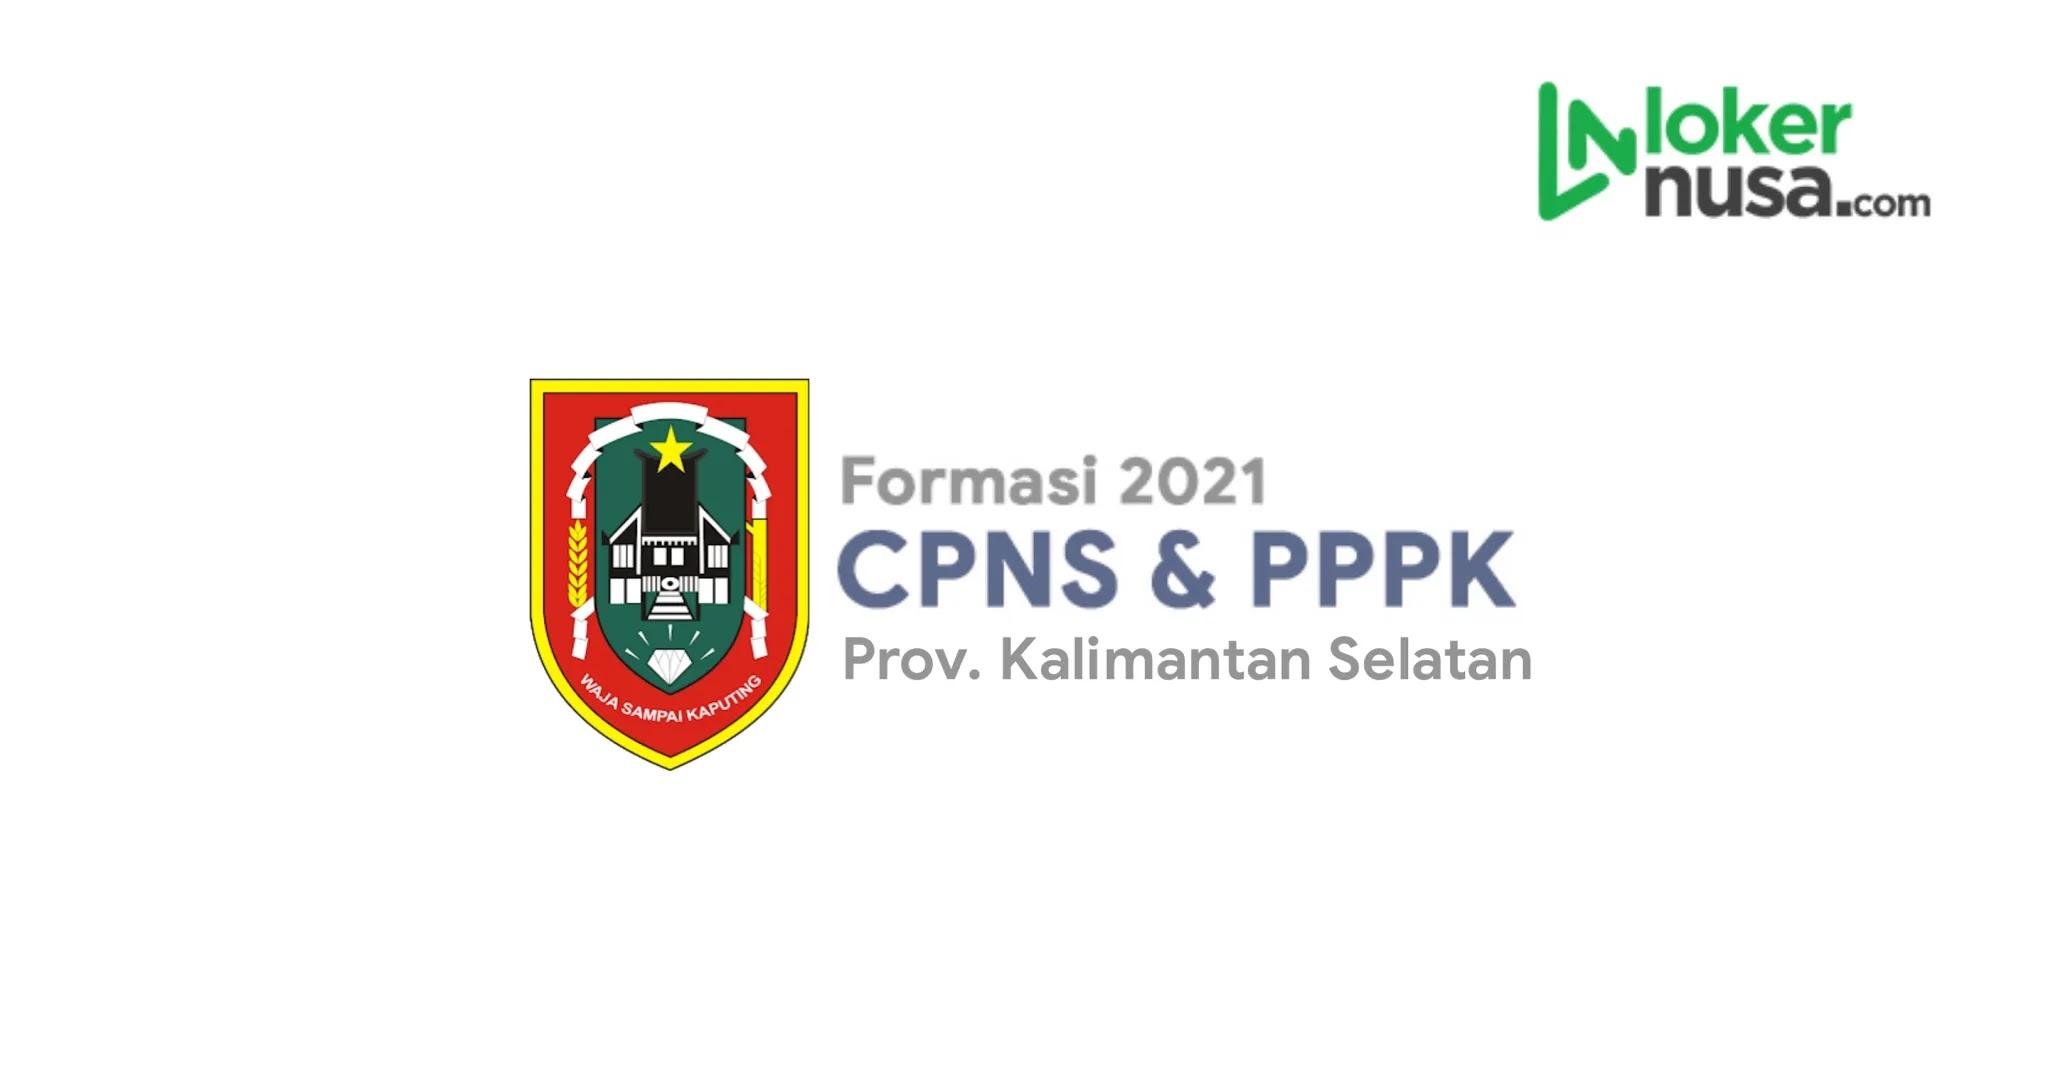 CPNS Kalimantan Selatan